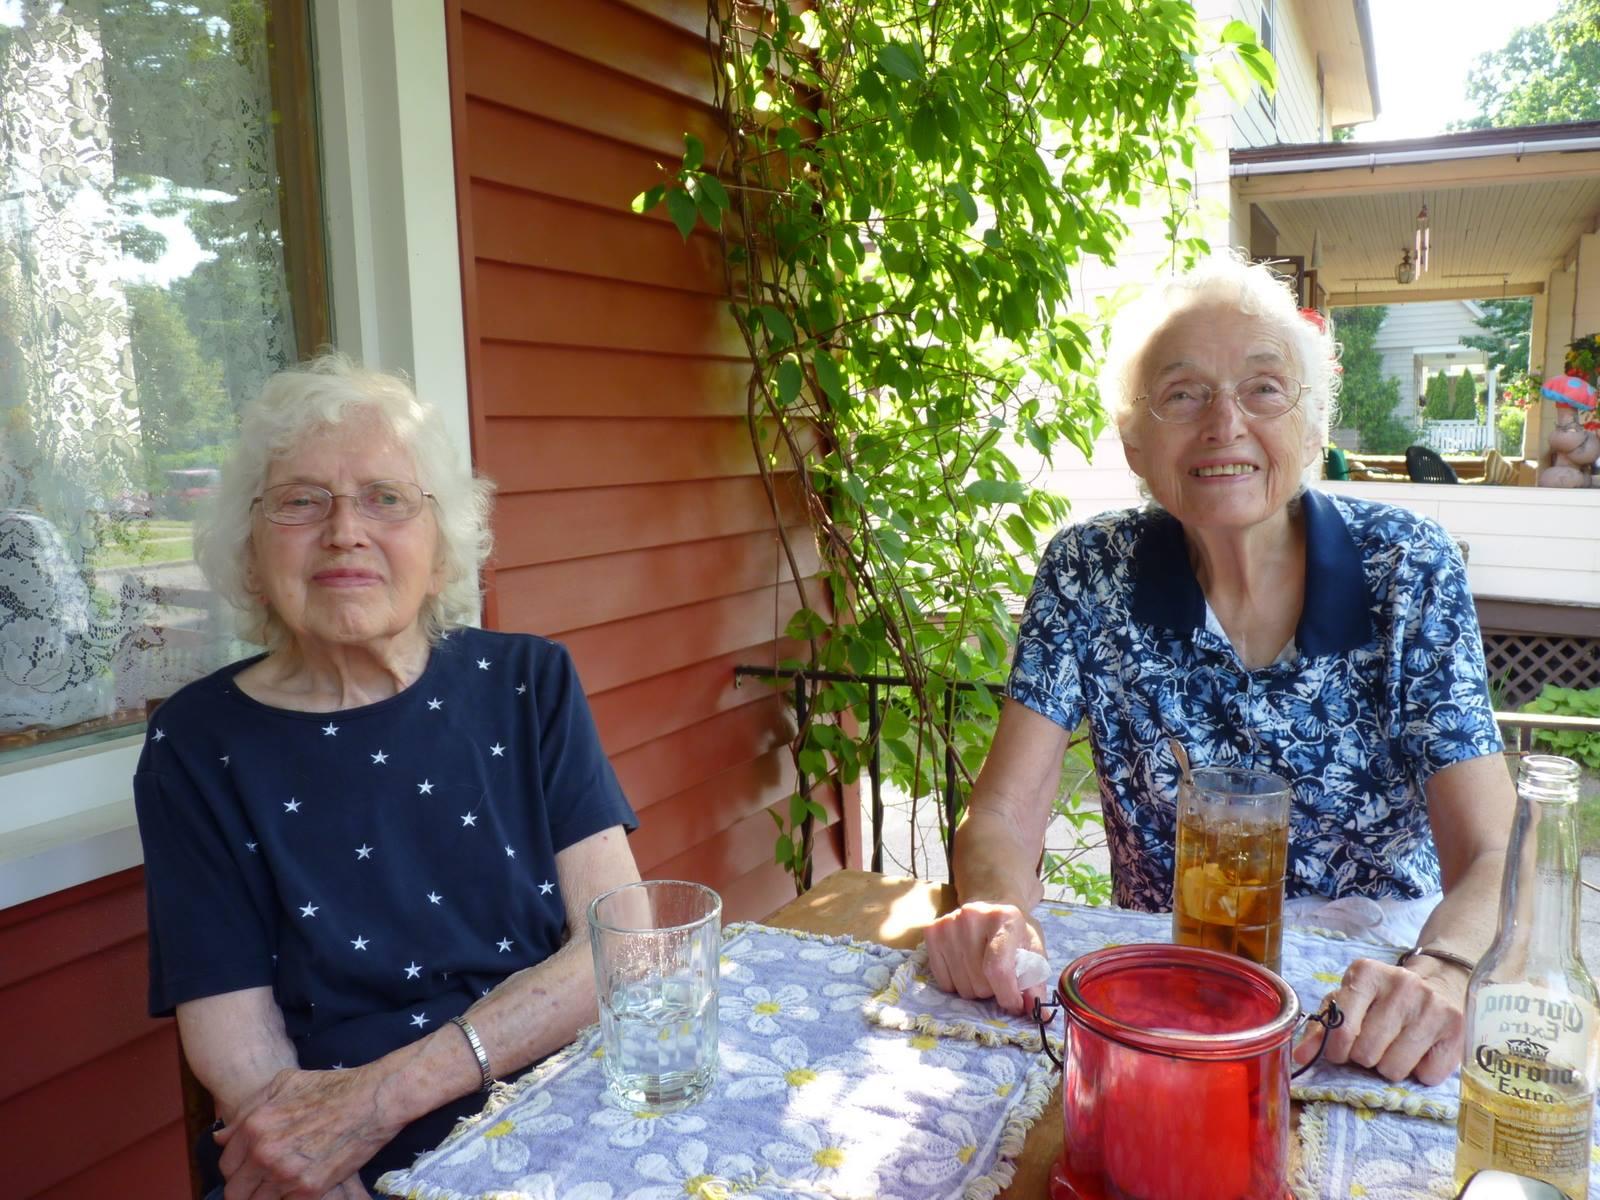 Grandma Florence and Grandma Esther